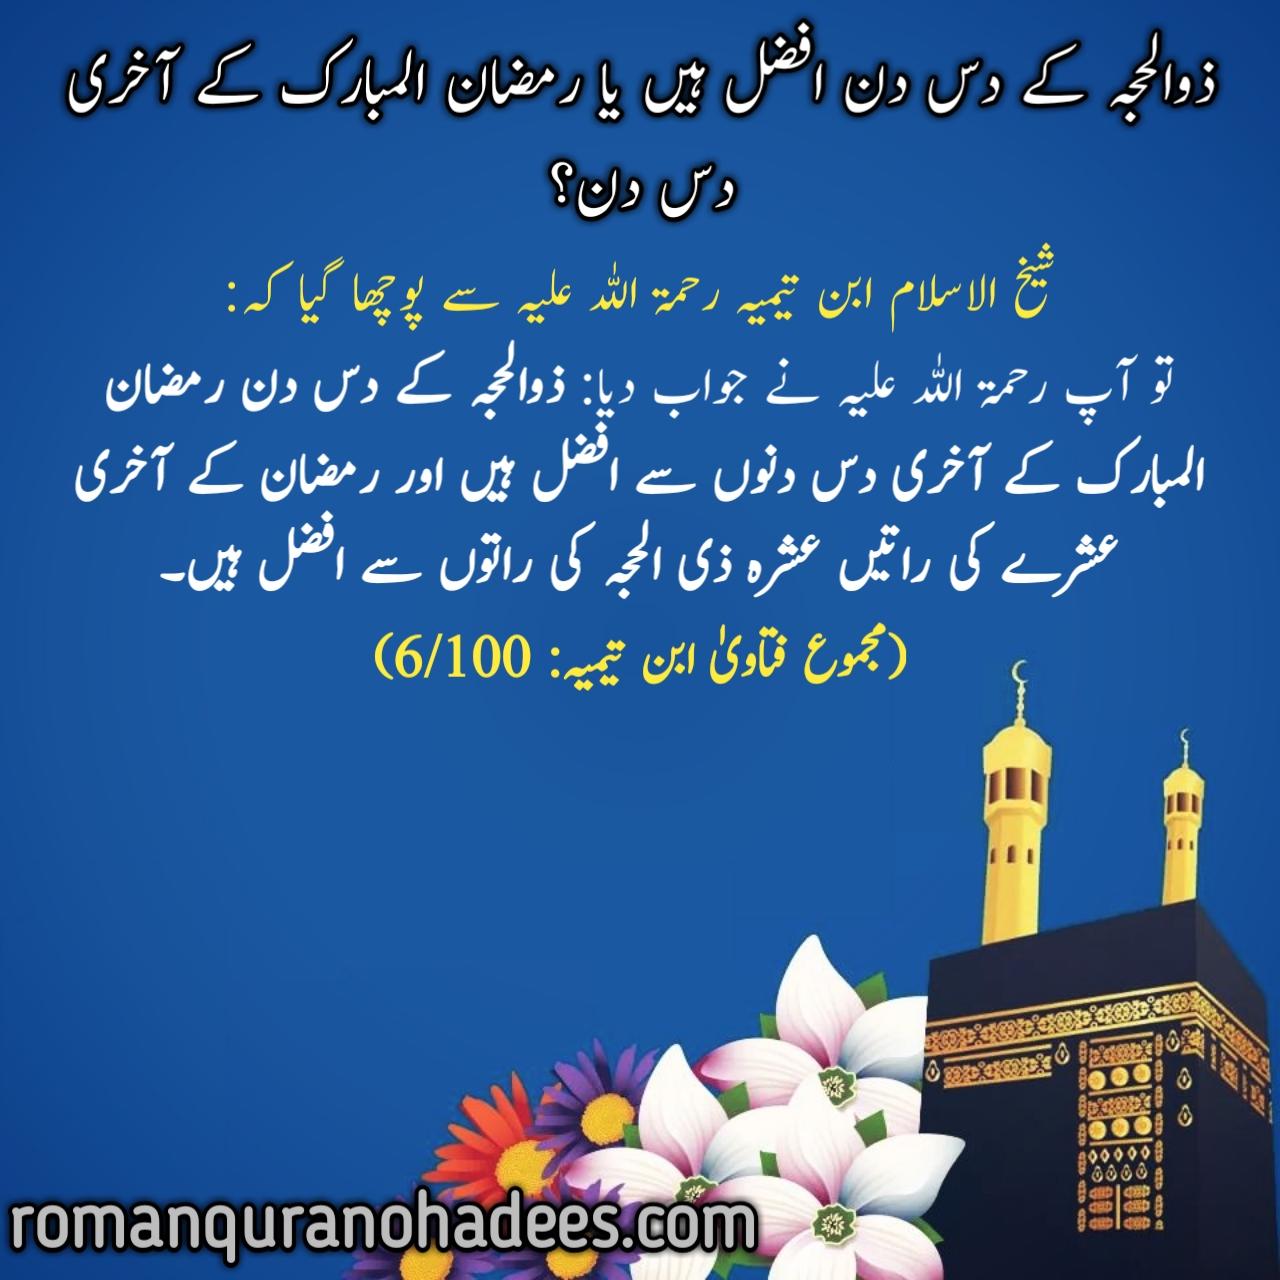 Zul-Hijjah ke 10 din afzal hain ya (Urdu).jpg